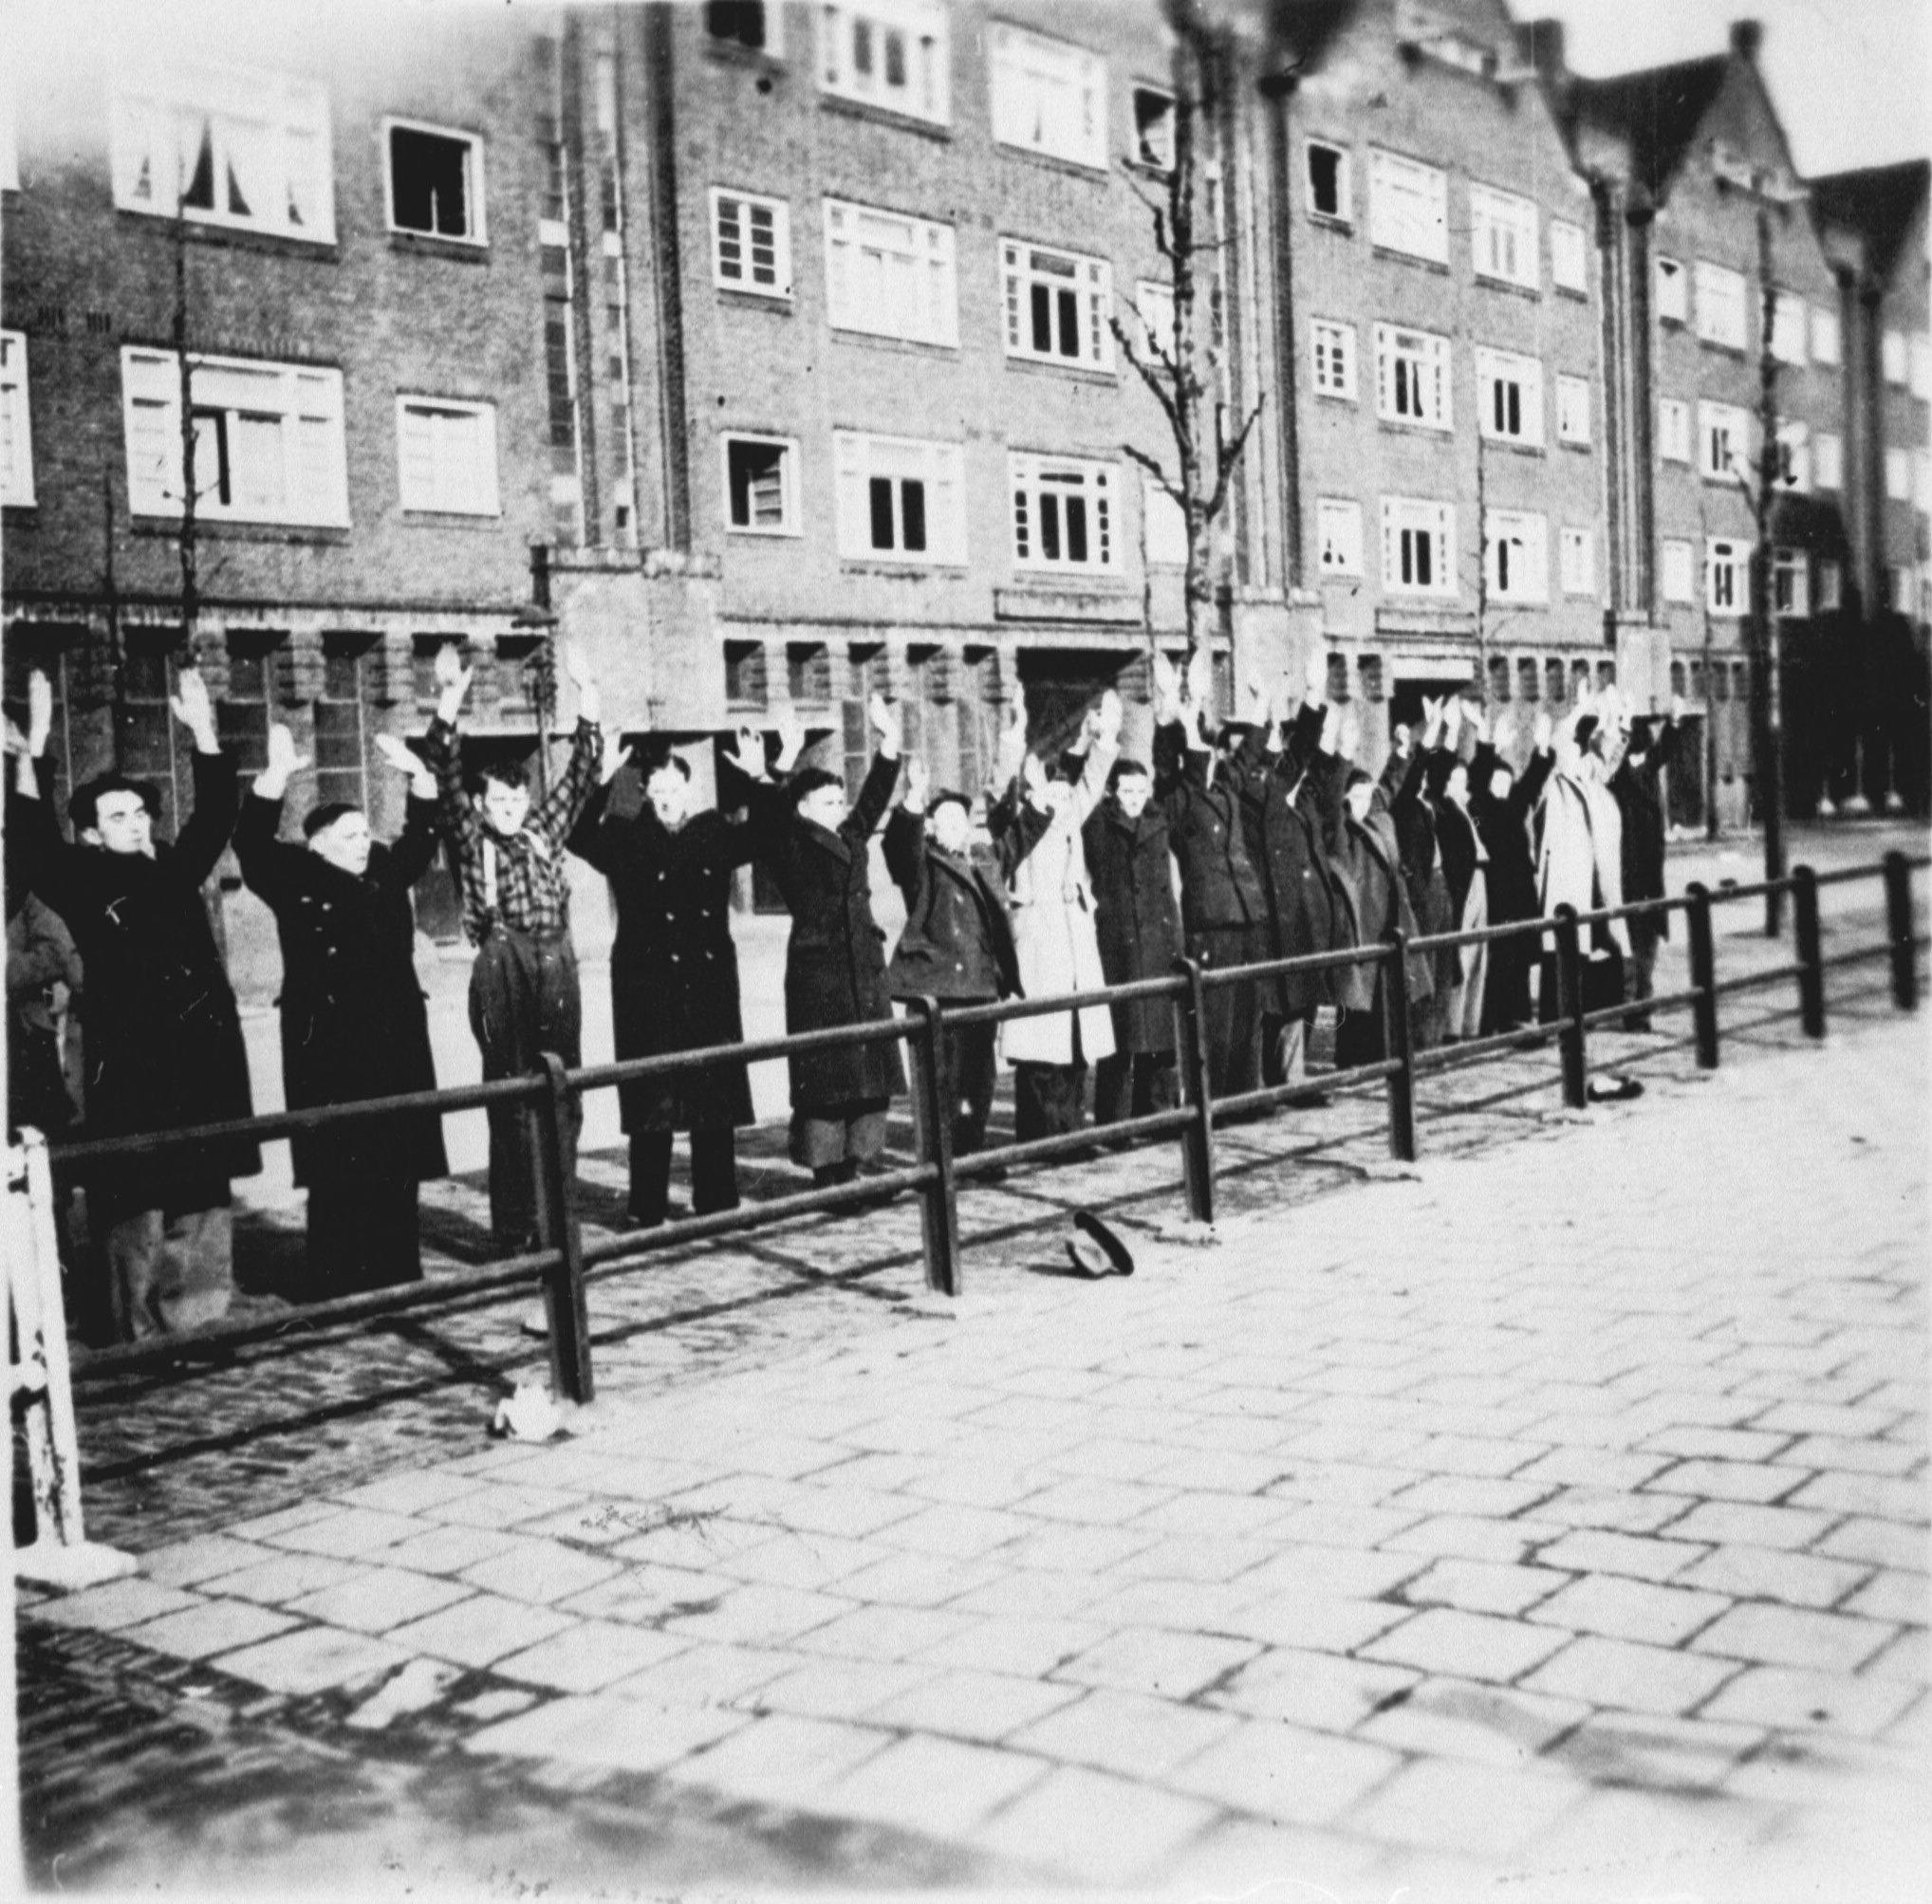 Joodse mannen in de Jodenbreestraat tijdens de razzia op 22 februari 1941